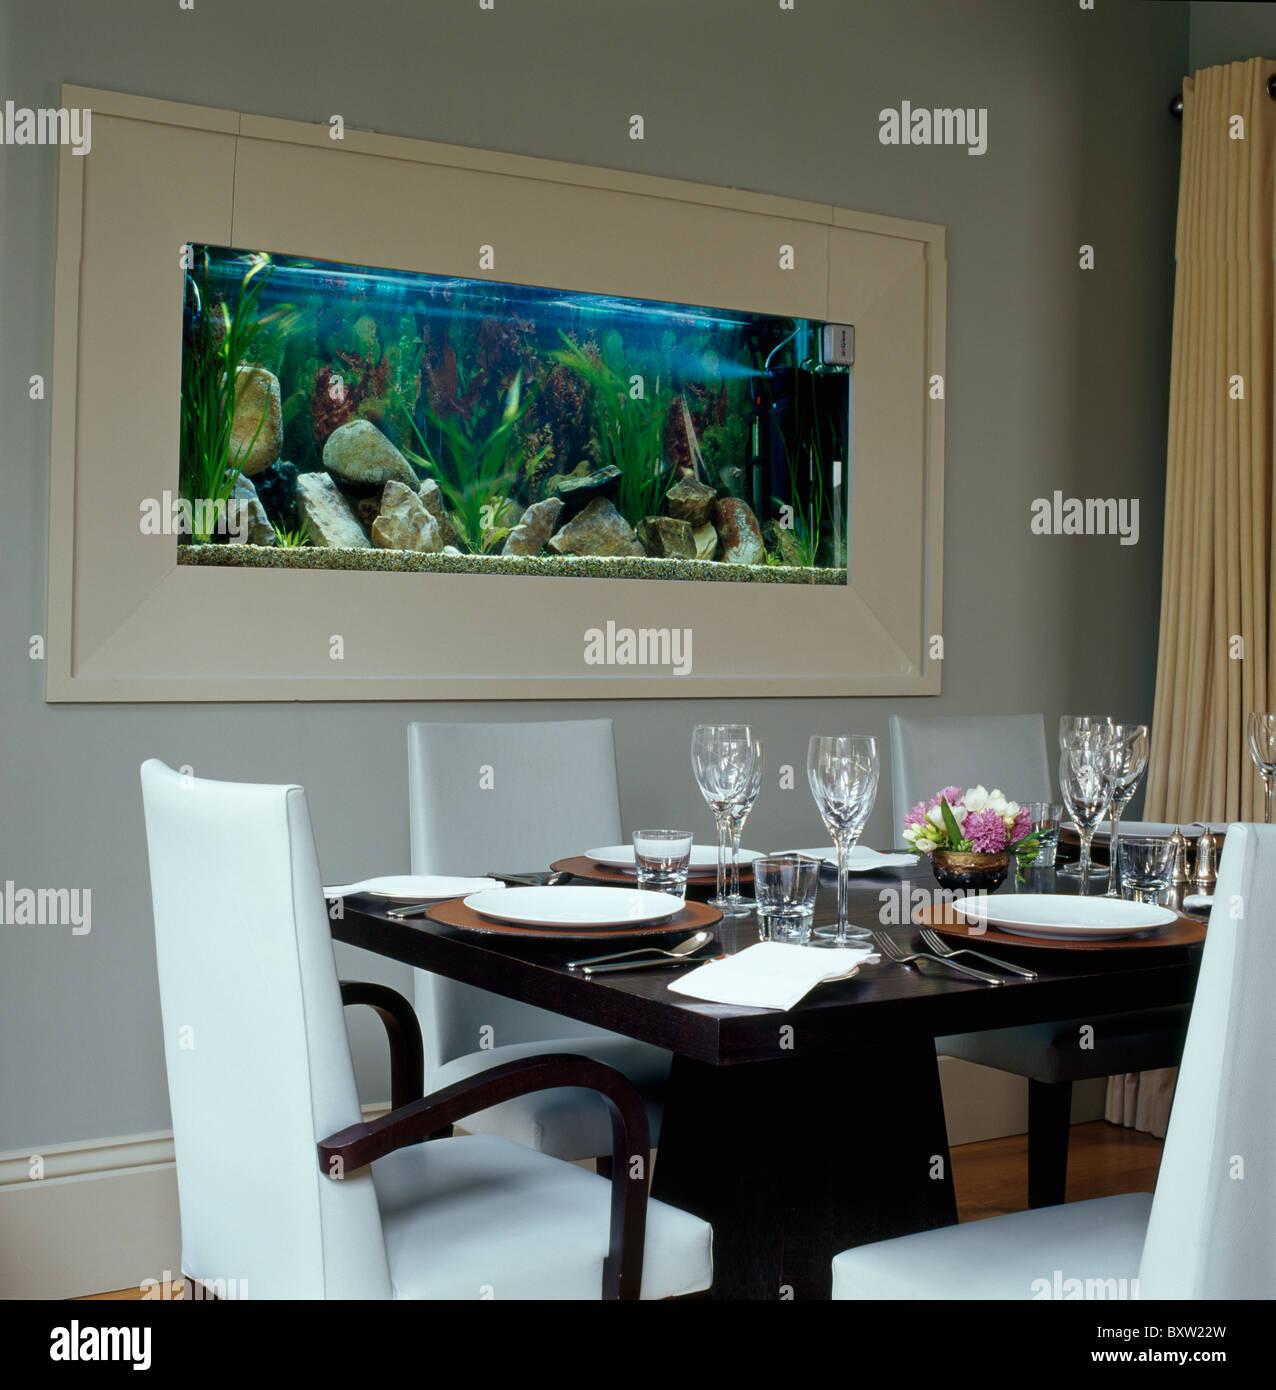 Grand Aquarium Situe Dans Le Mur Gris Pale De Salle A Manger Avec